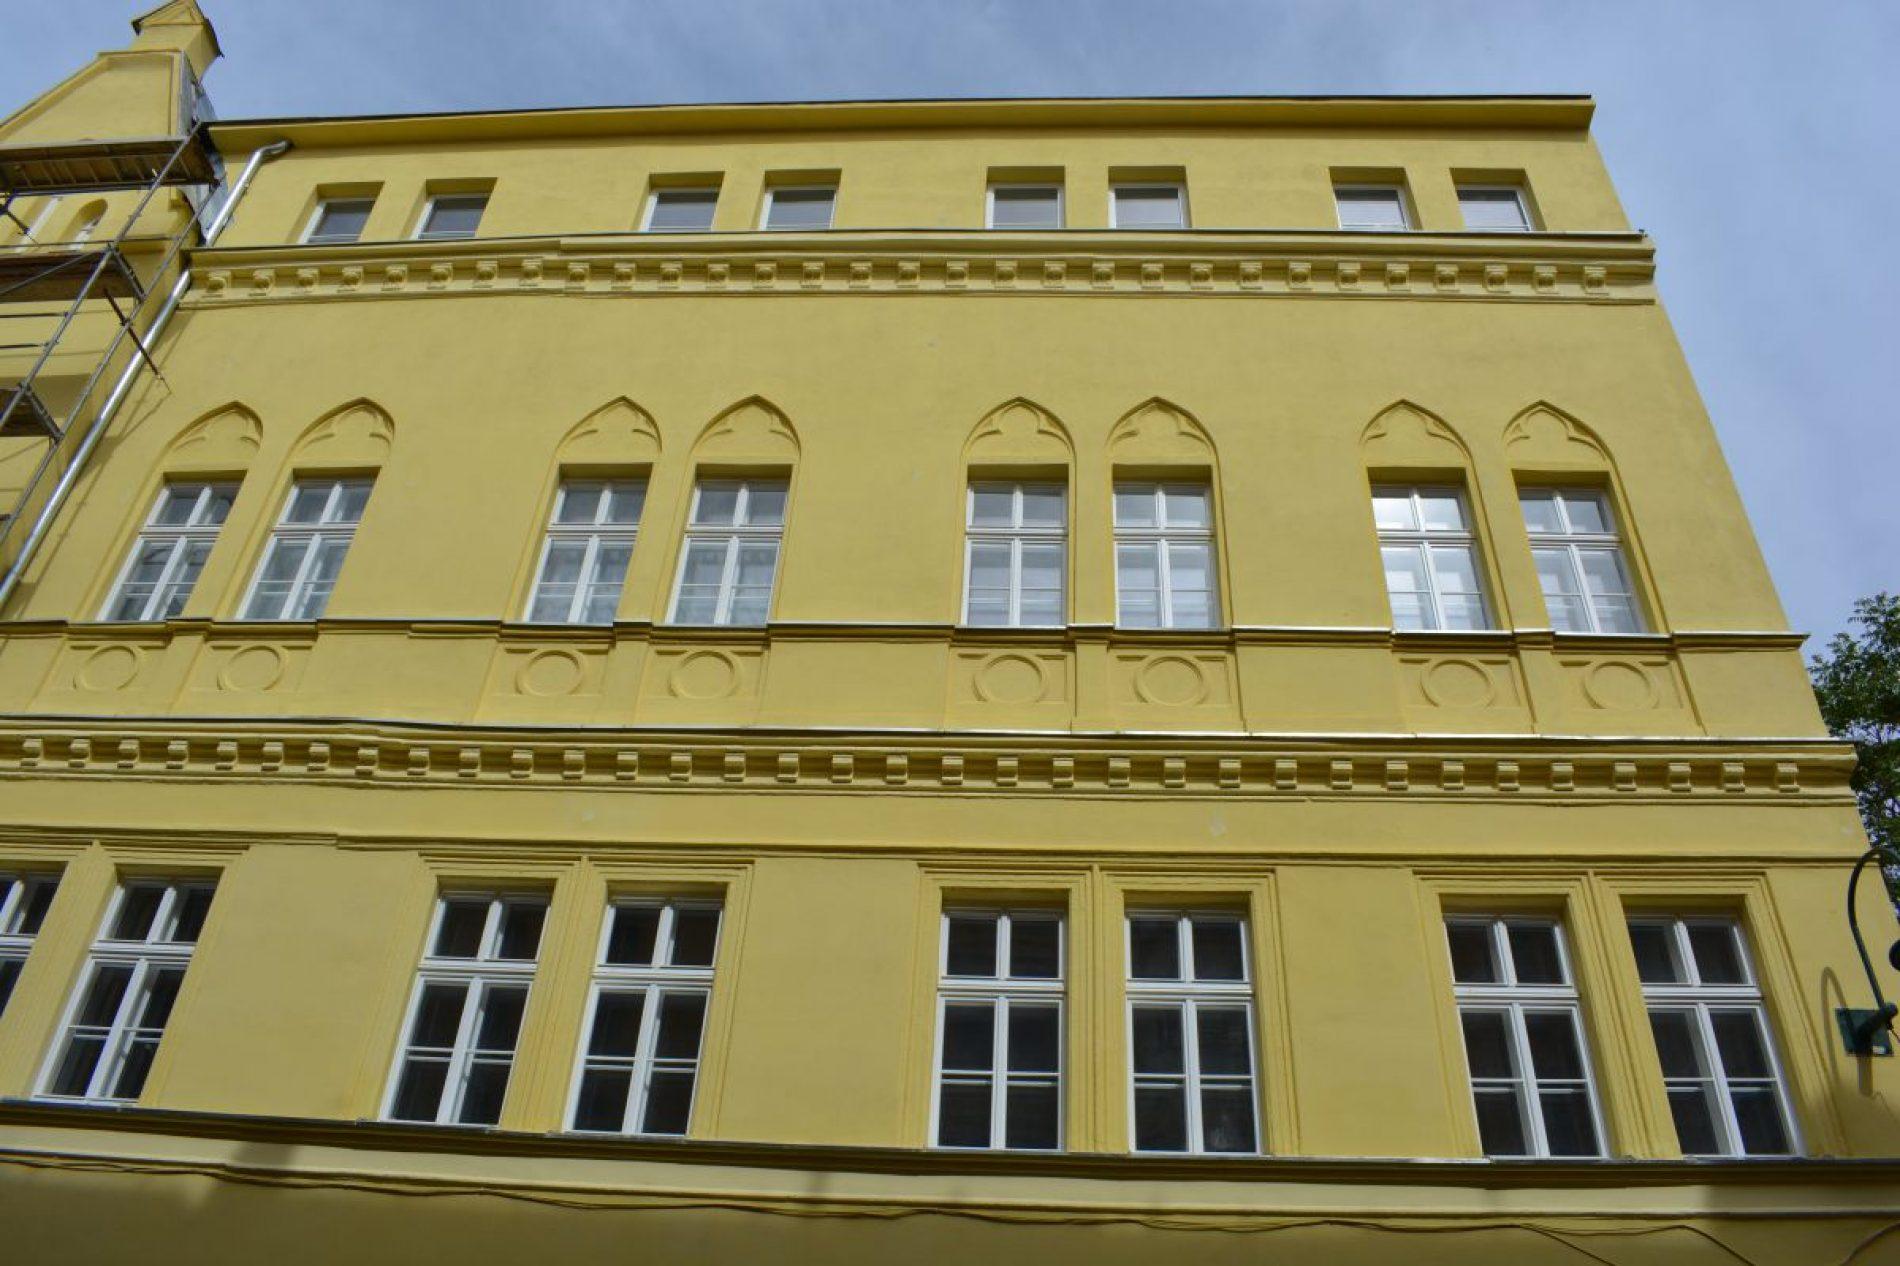 Sarajevo: Zgrada Muzičke akademije kao nekad, završena restauracija objekta